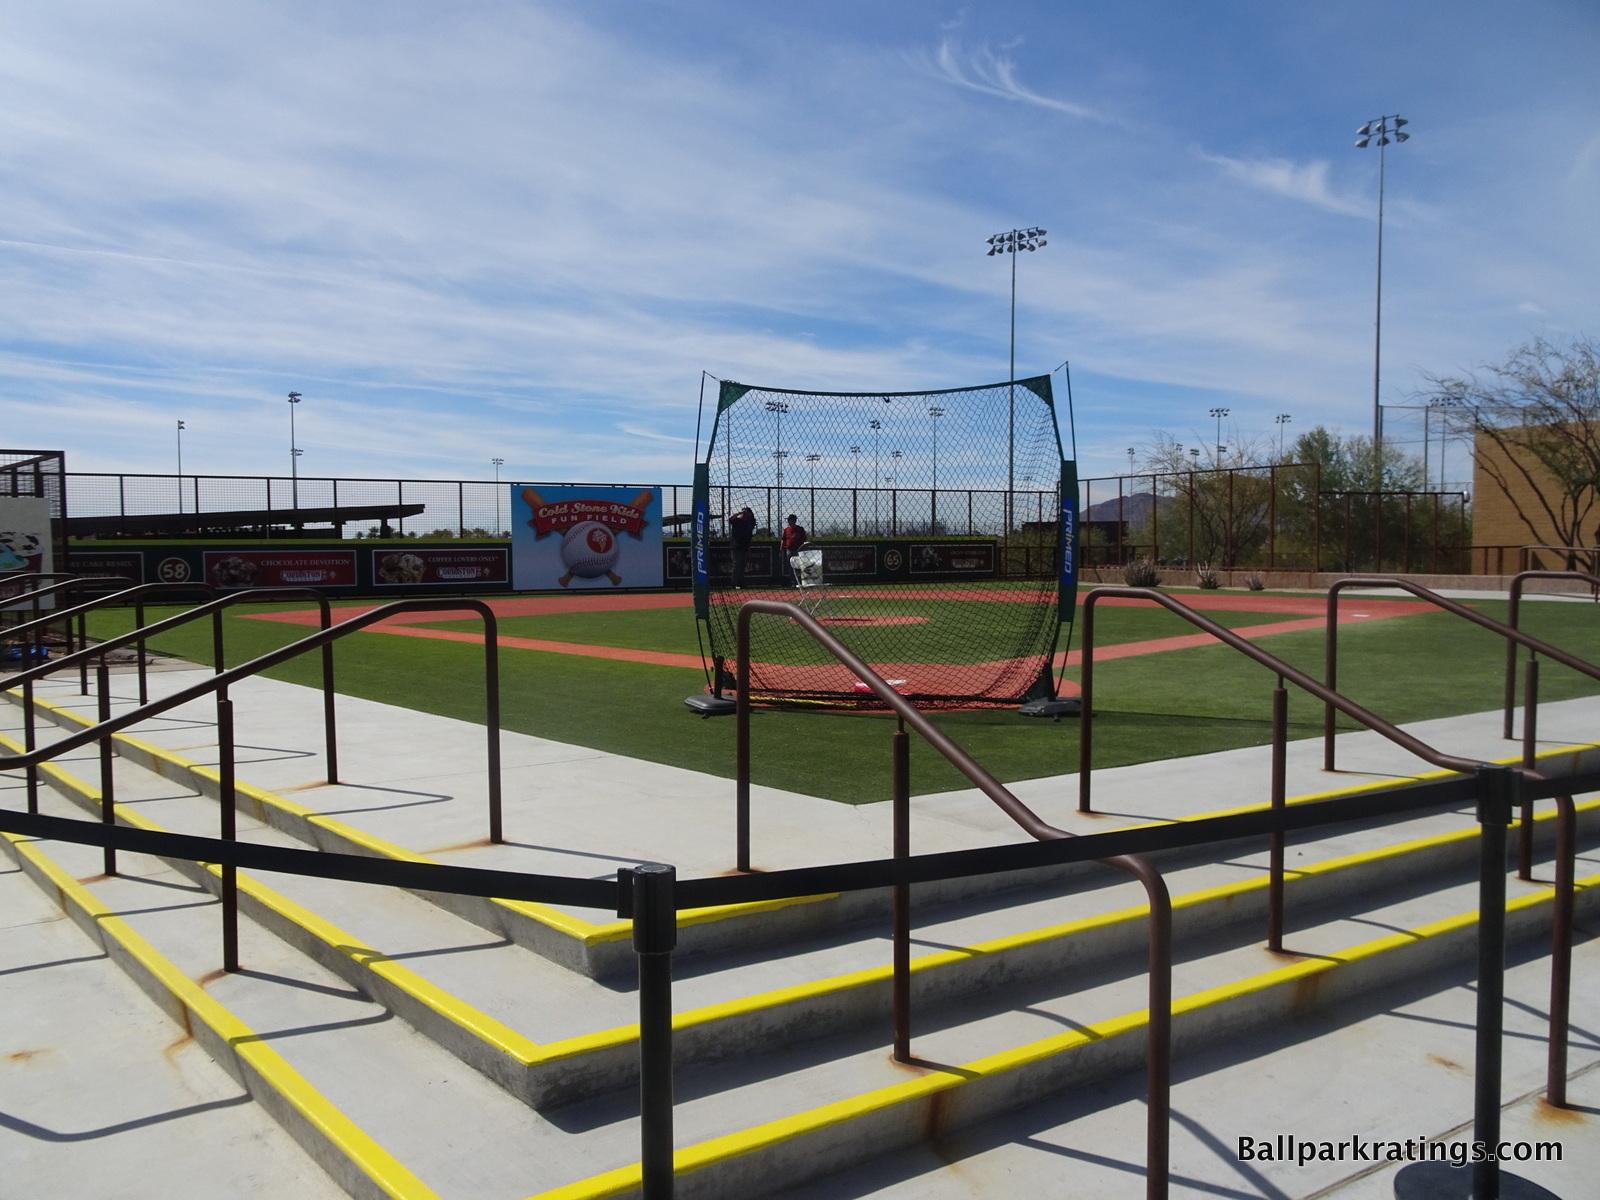 Wiffle Ball field at Salt River Fields at Talking Stick.